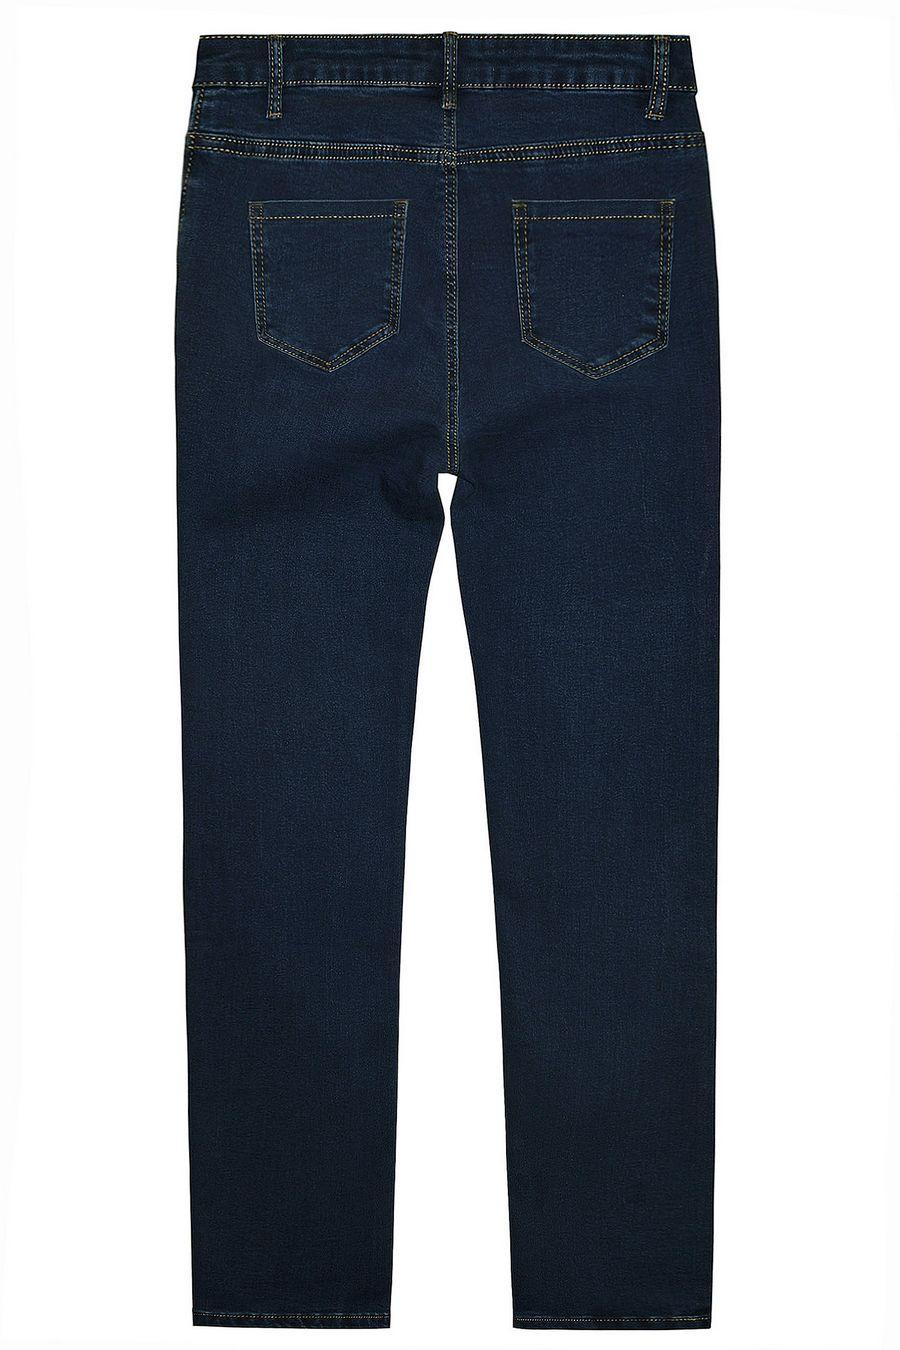 Джинсы женские K.Y Jeans L574 - фото 2